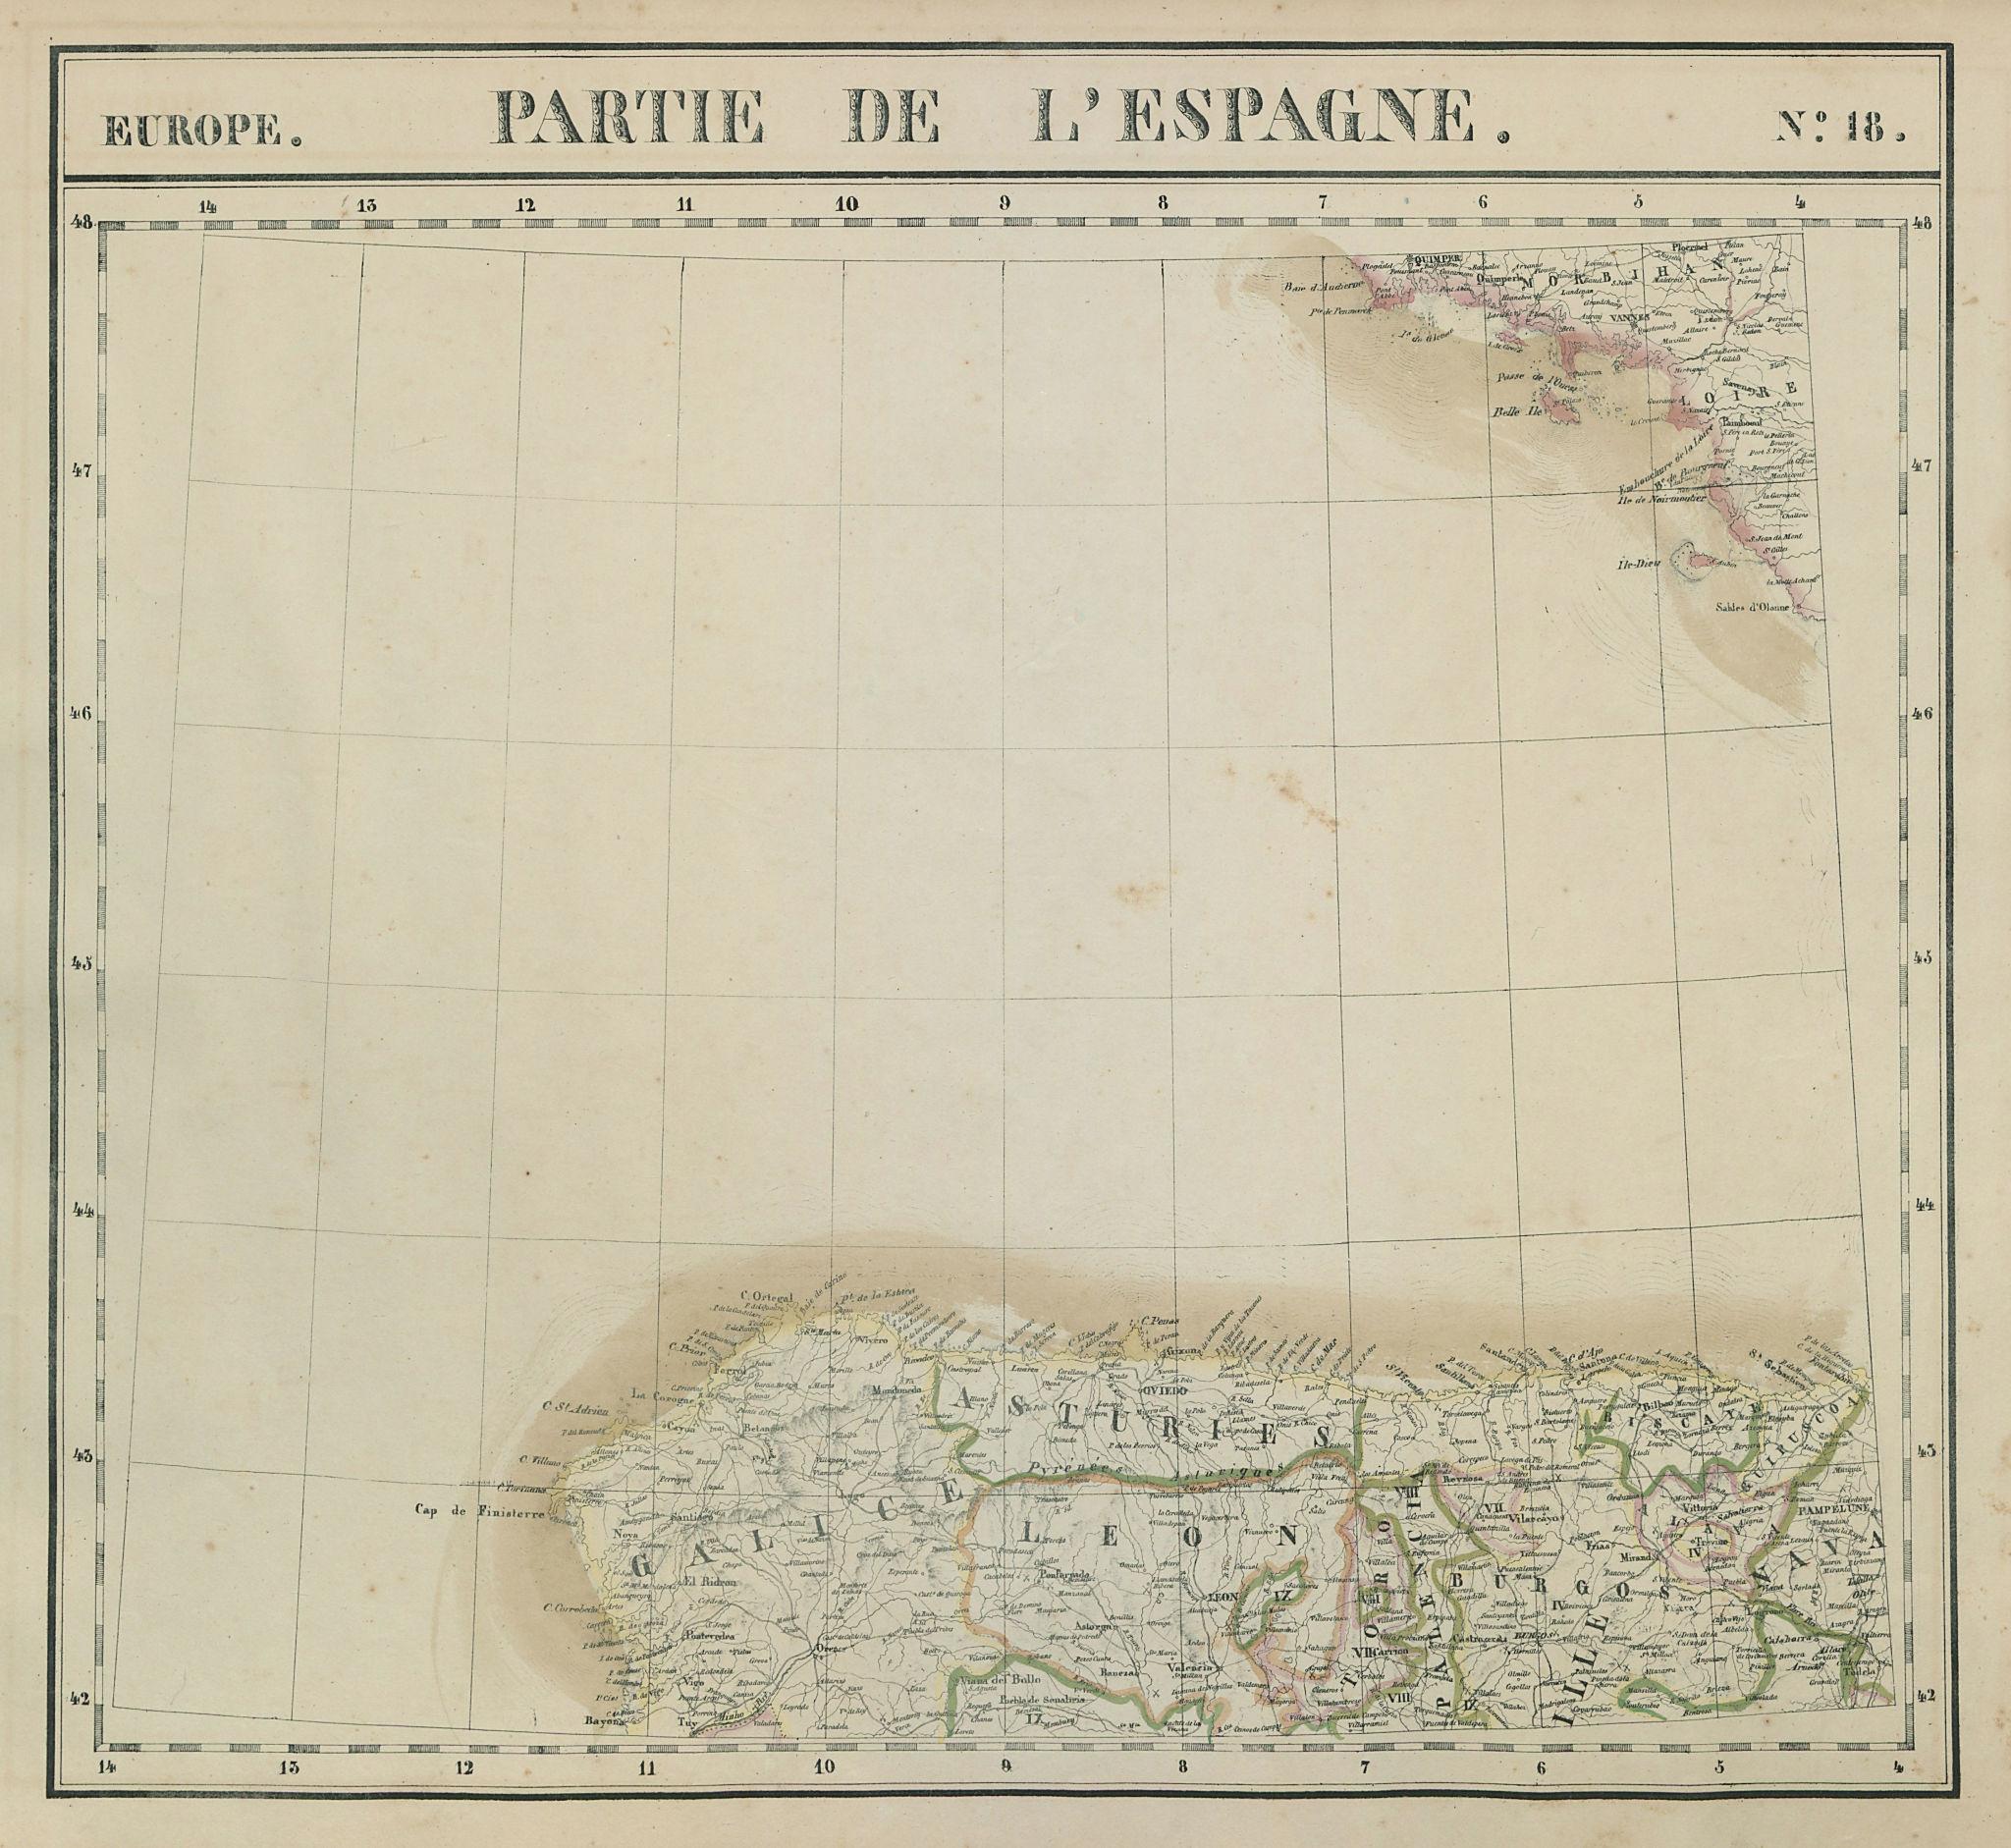 Europe. Espagne #18 NW Spain. Galicia Asturias Cantabria. VANDERMAELEN 1827 map